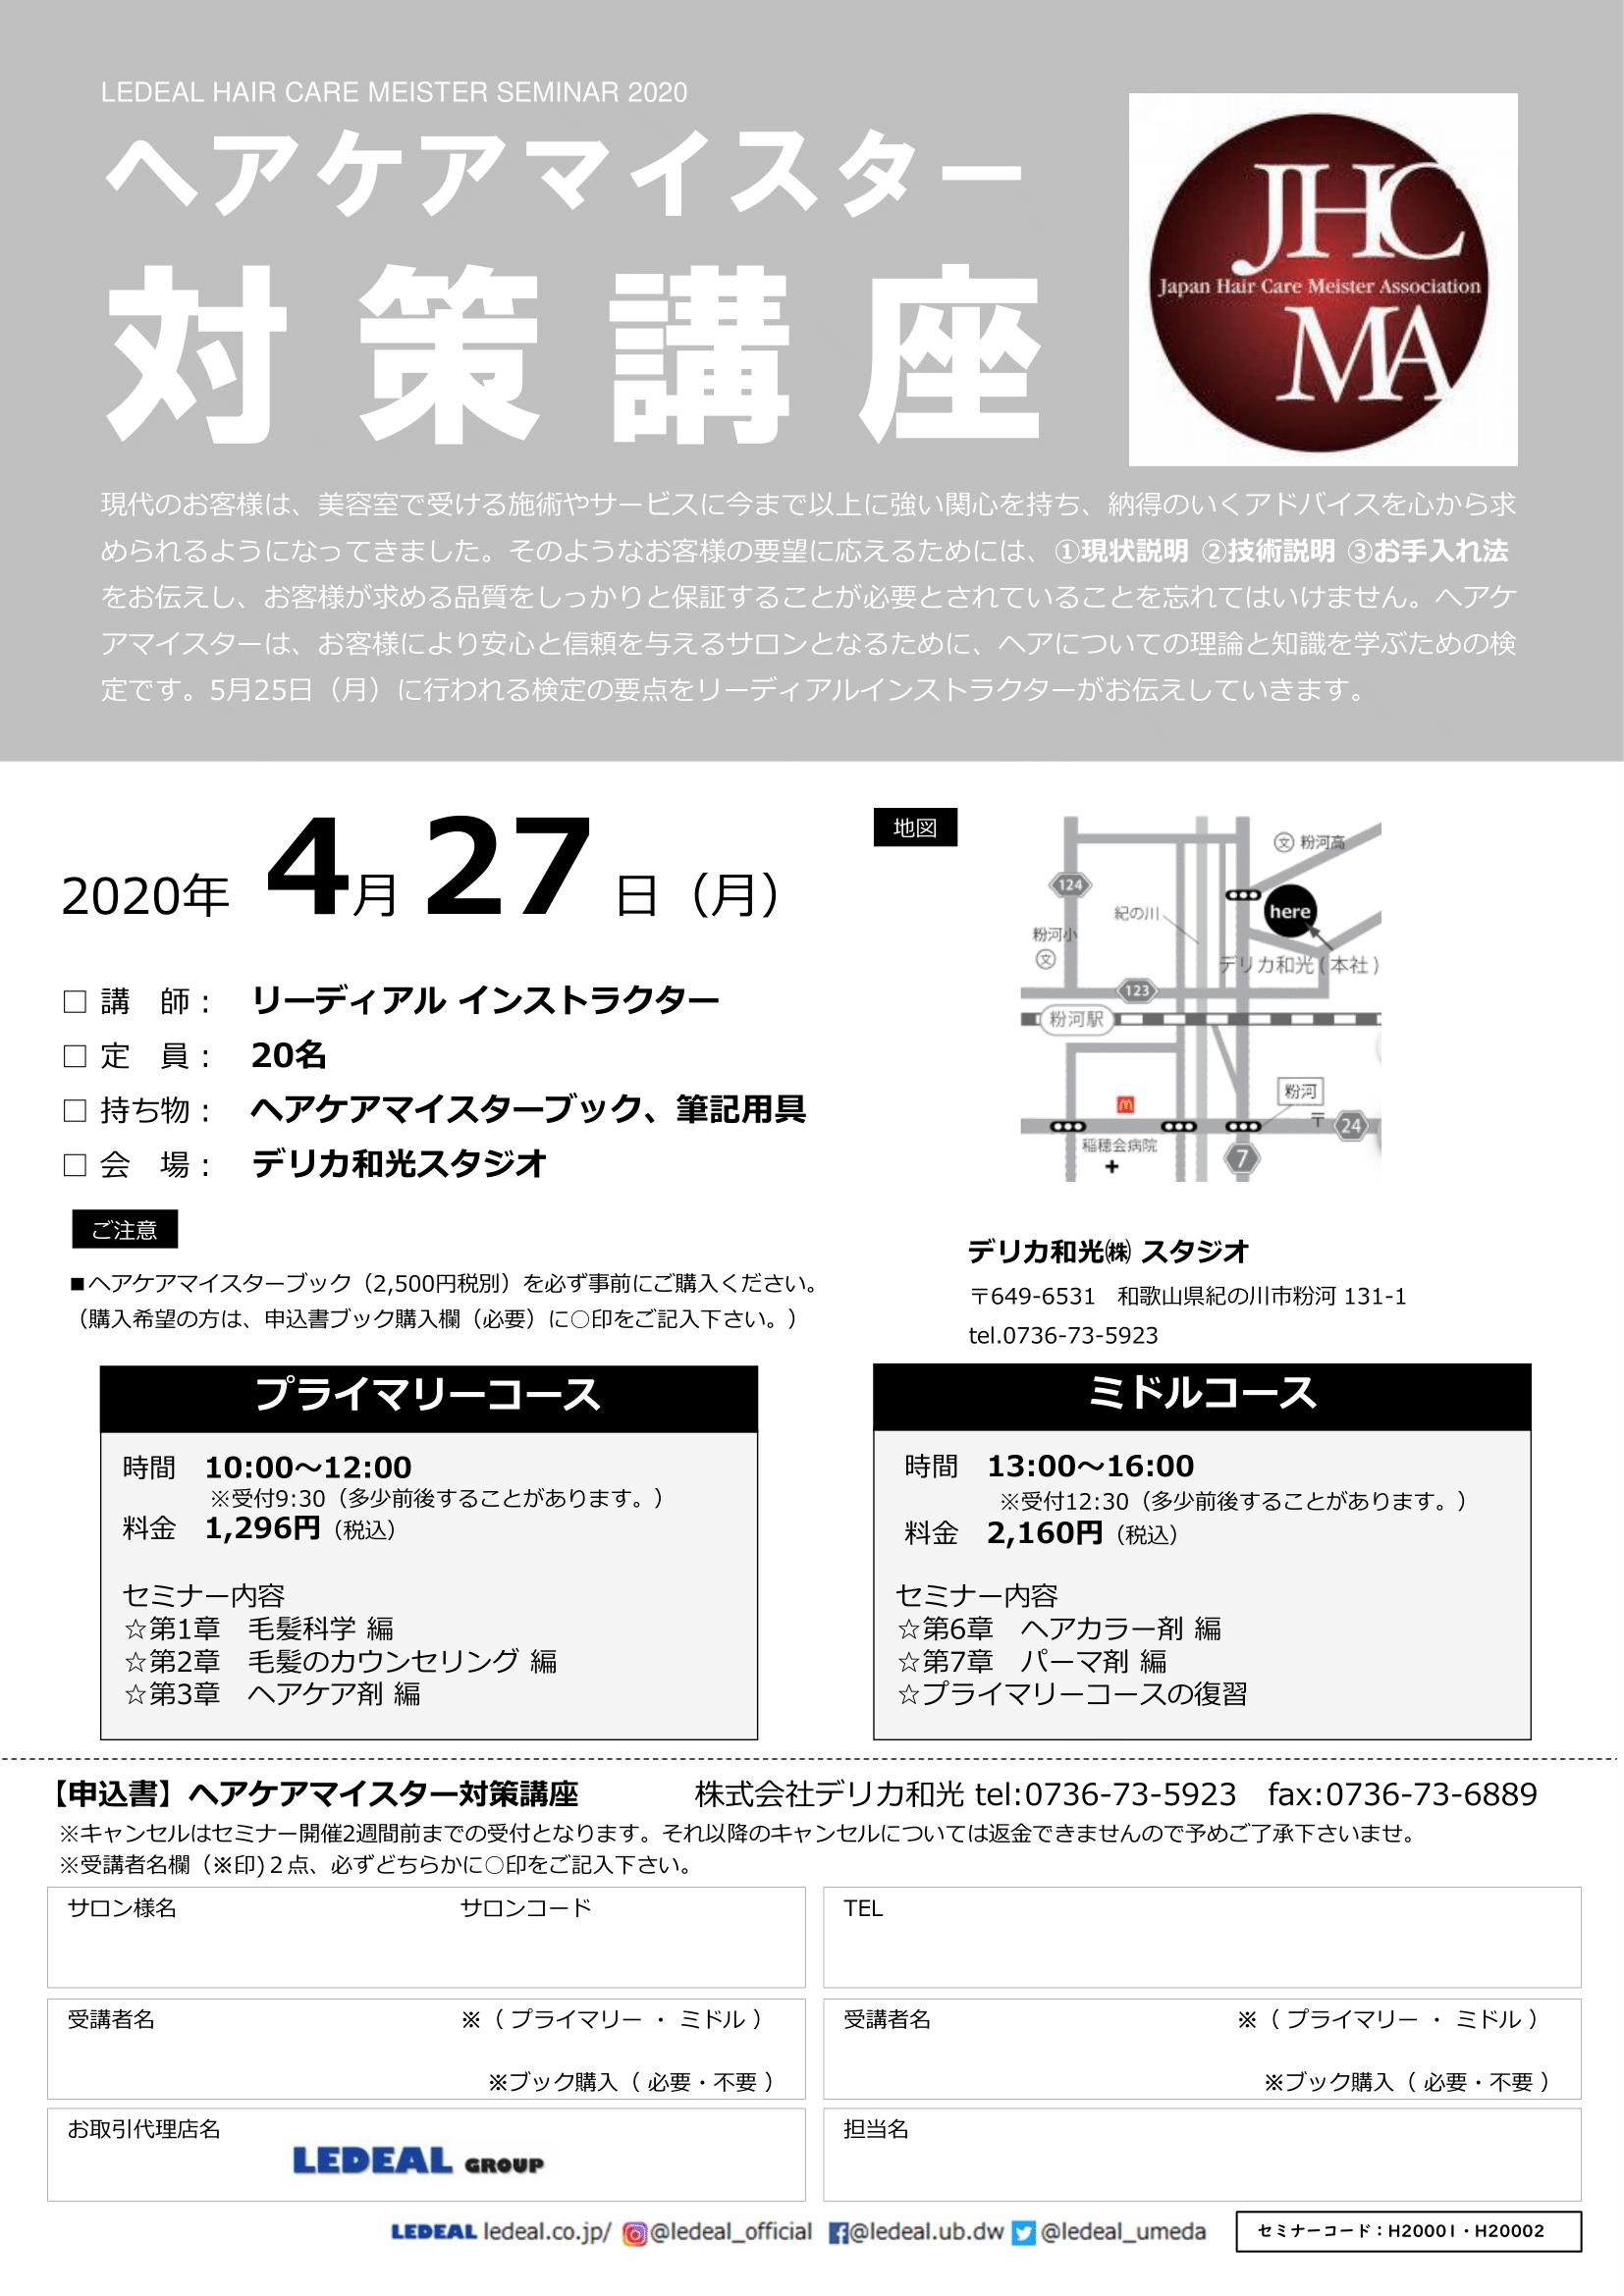 【和歌山】ヘアケアマイスター対策講座(ミドル)